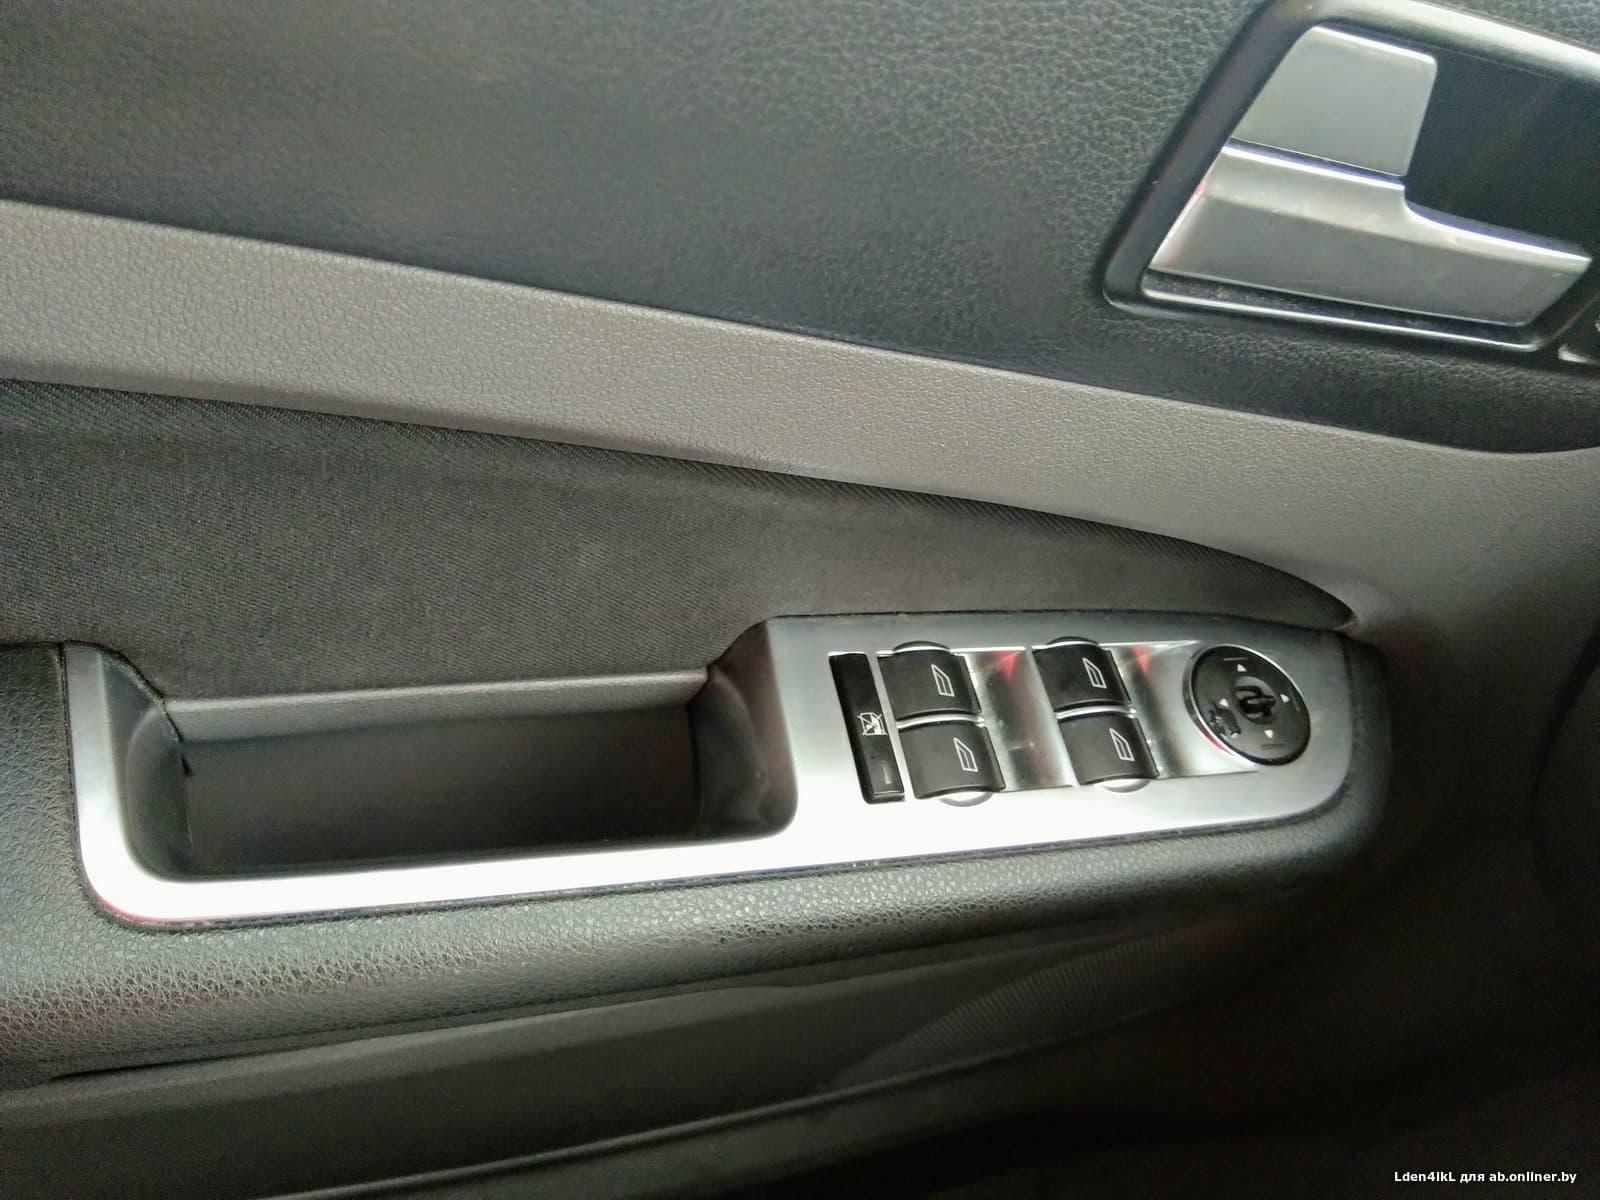 Ford Focus (Titanium)